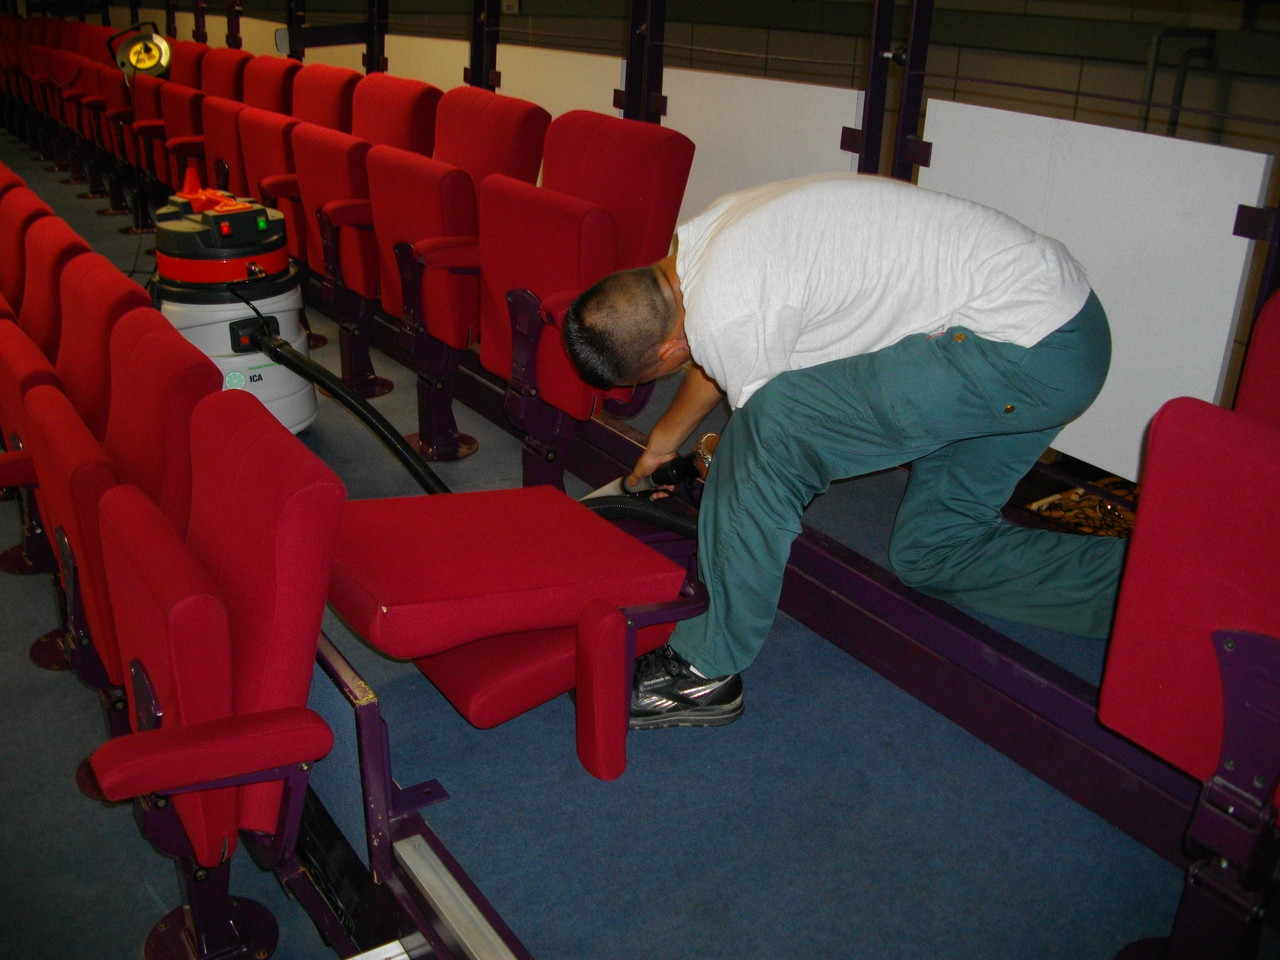 Nettoyage de  fauteuils de salle de spectacles